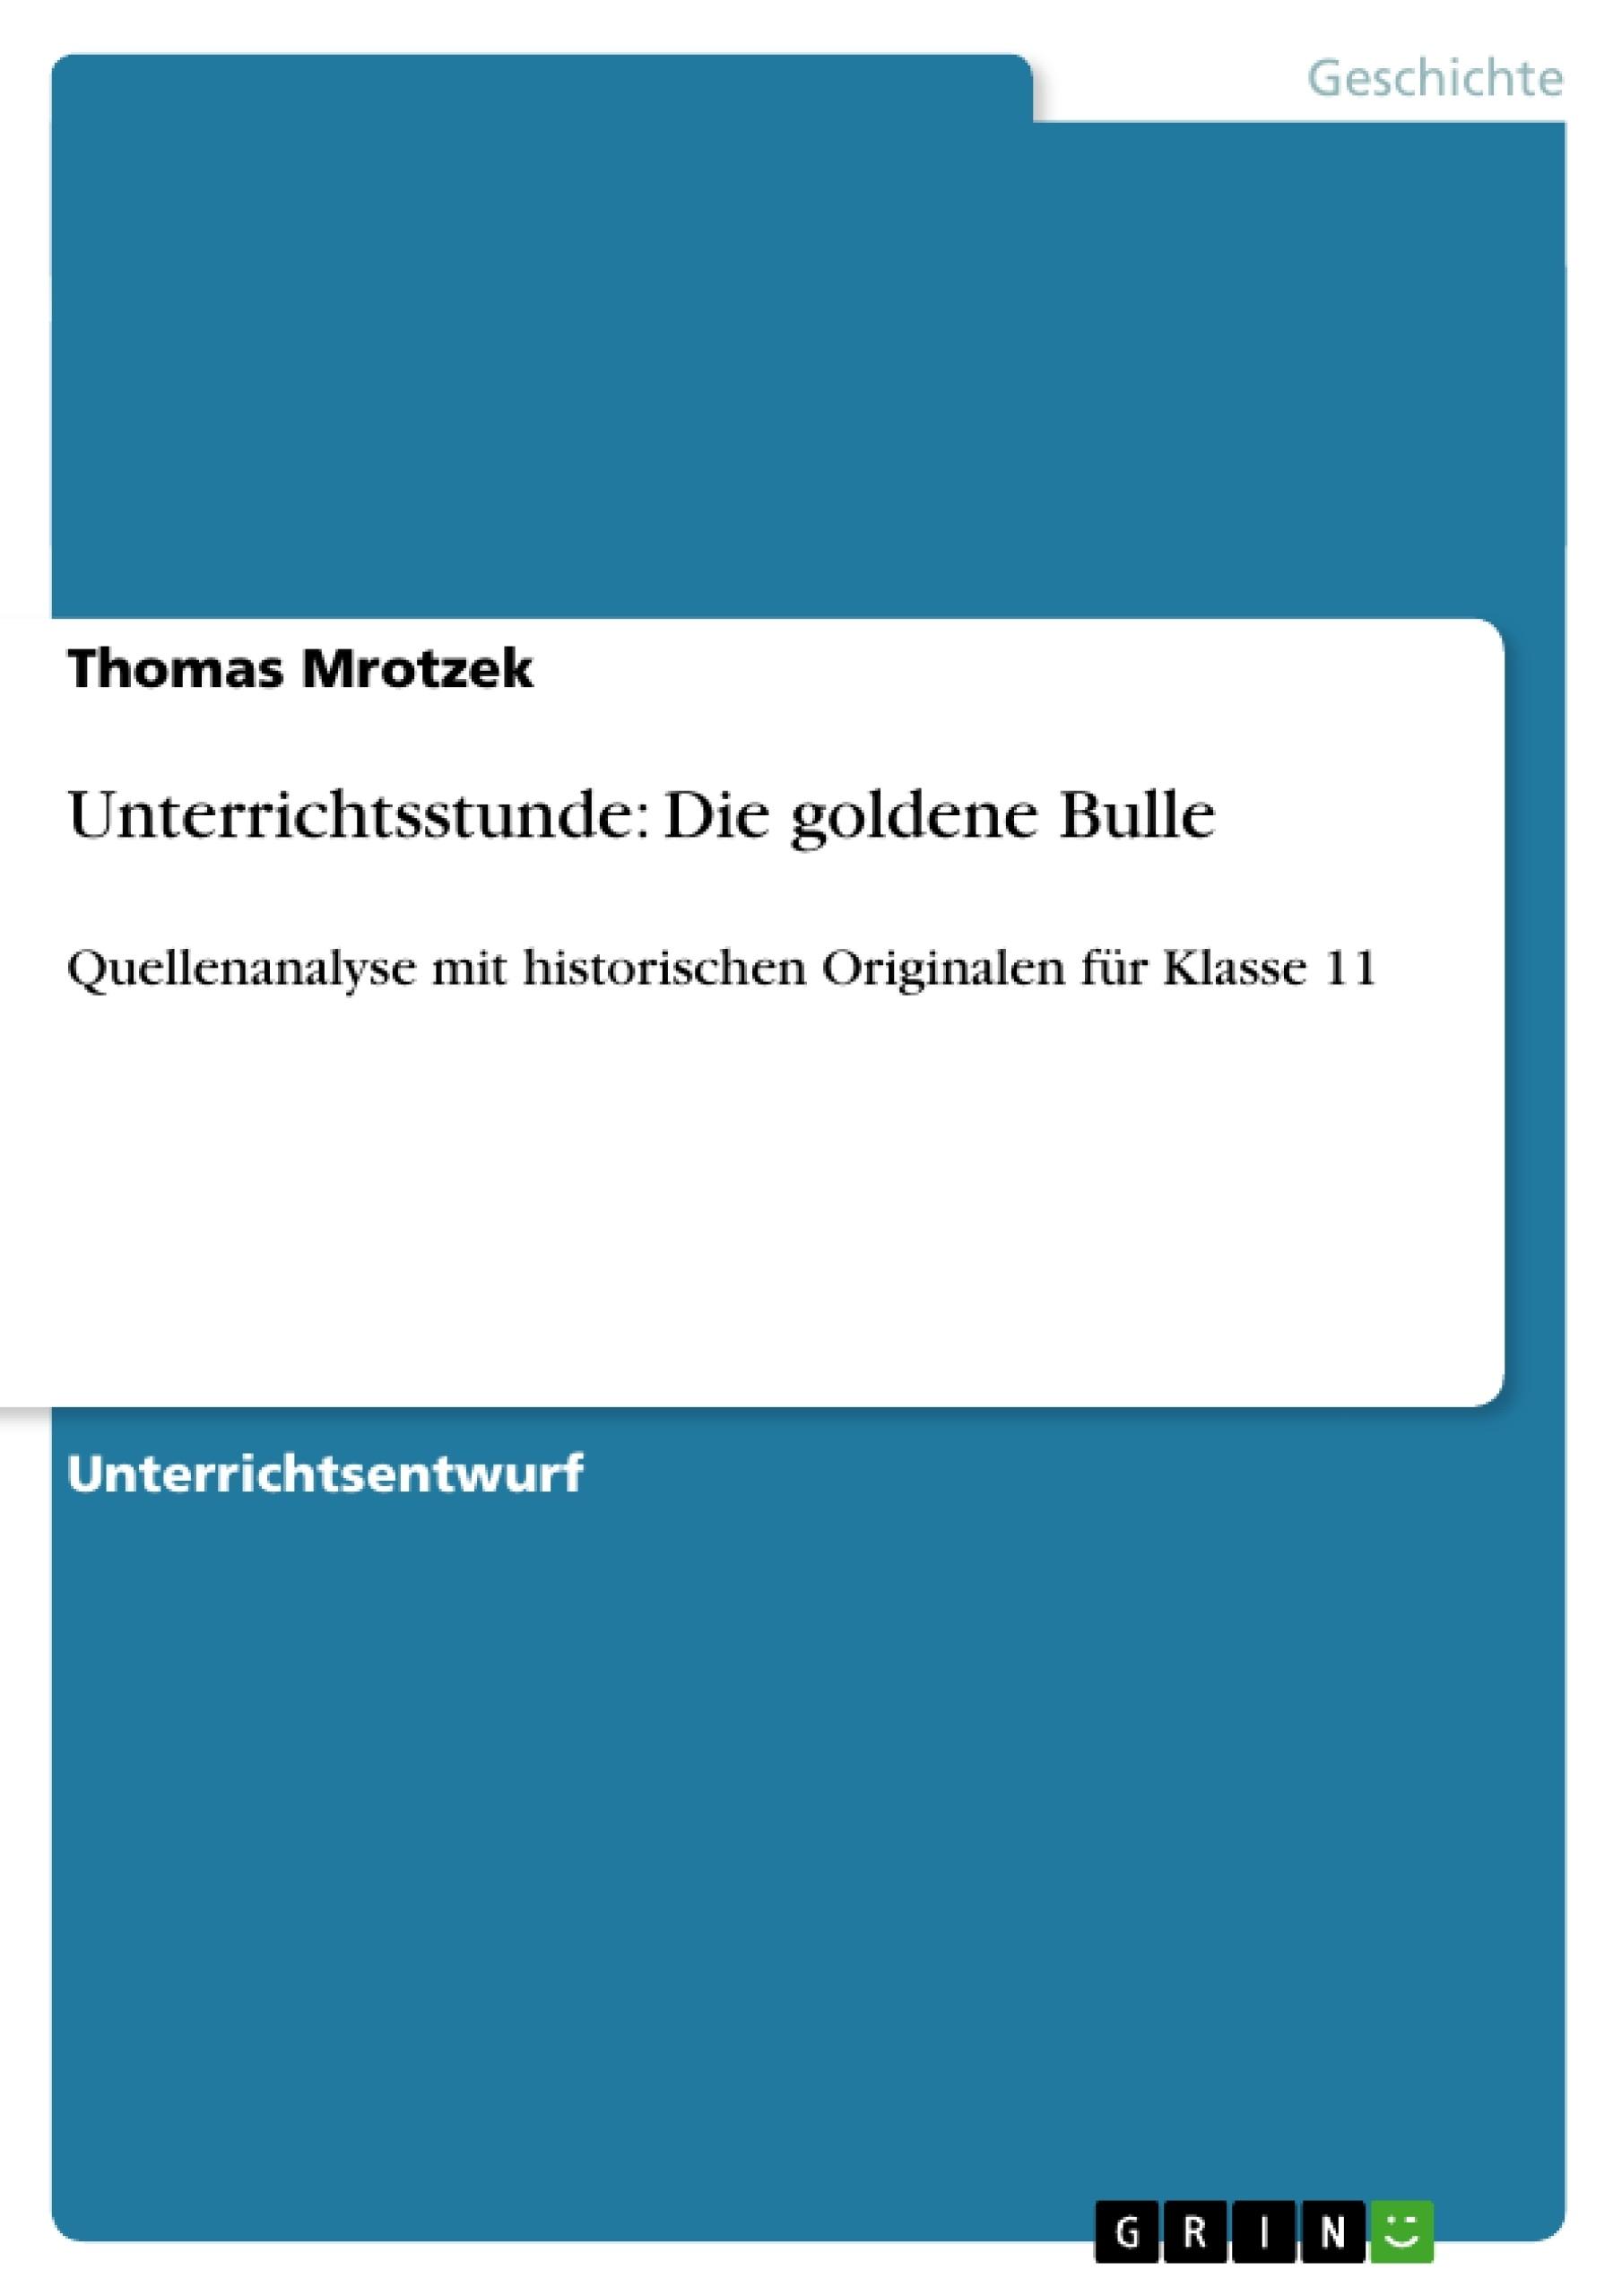 Titel: Unterrichtsstunde: Die goldene Bulle